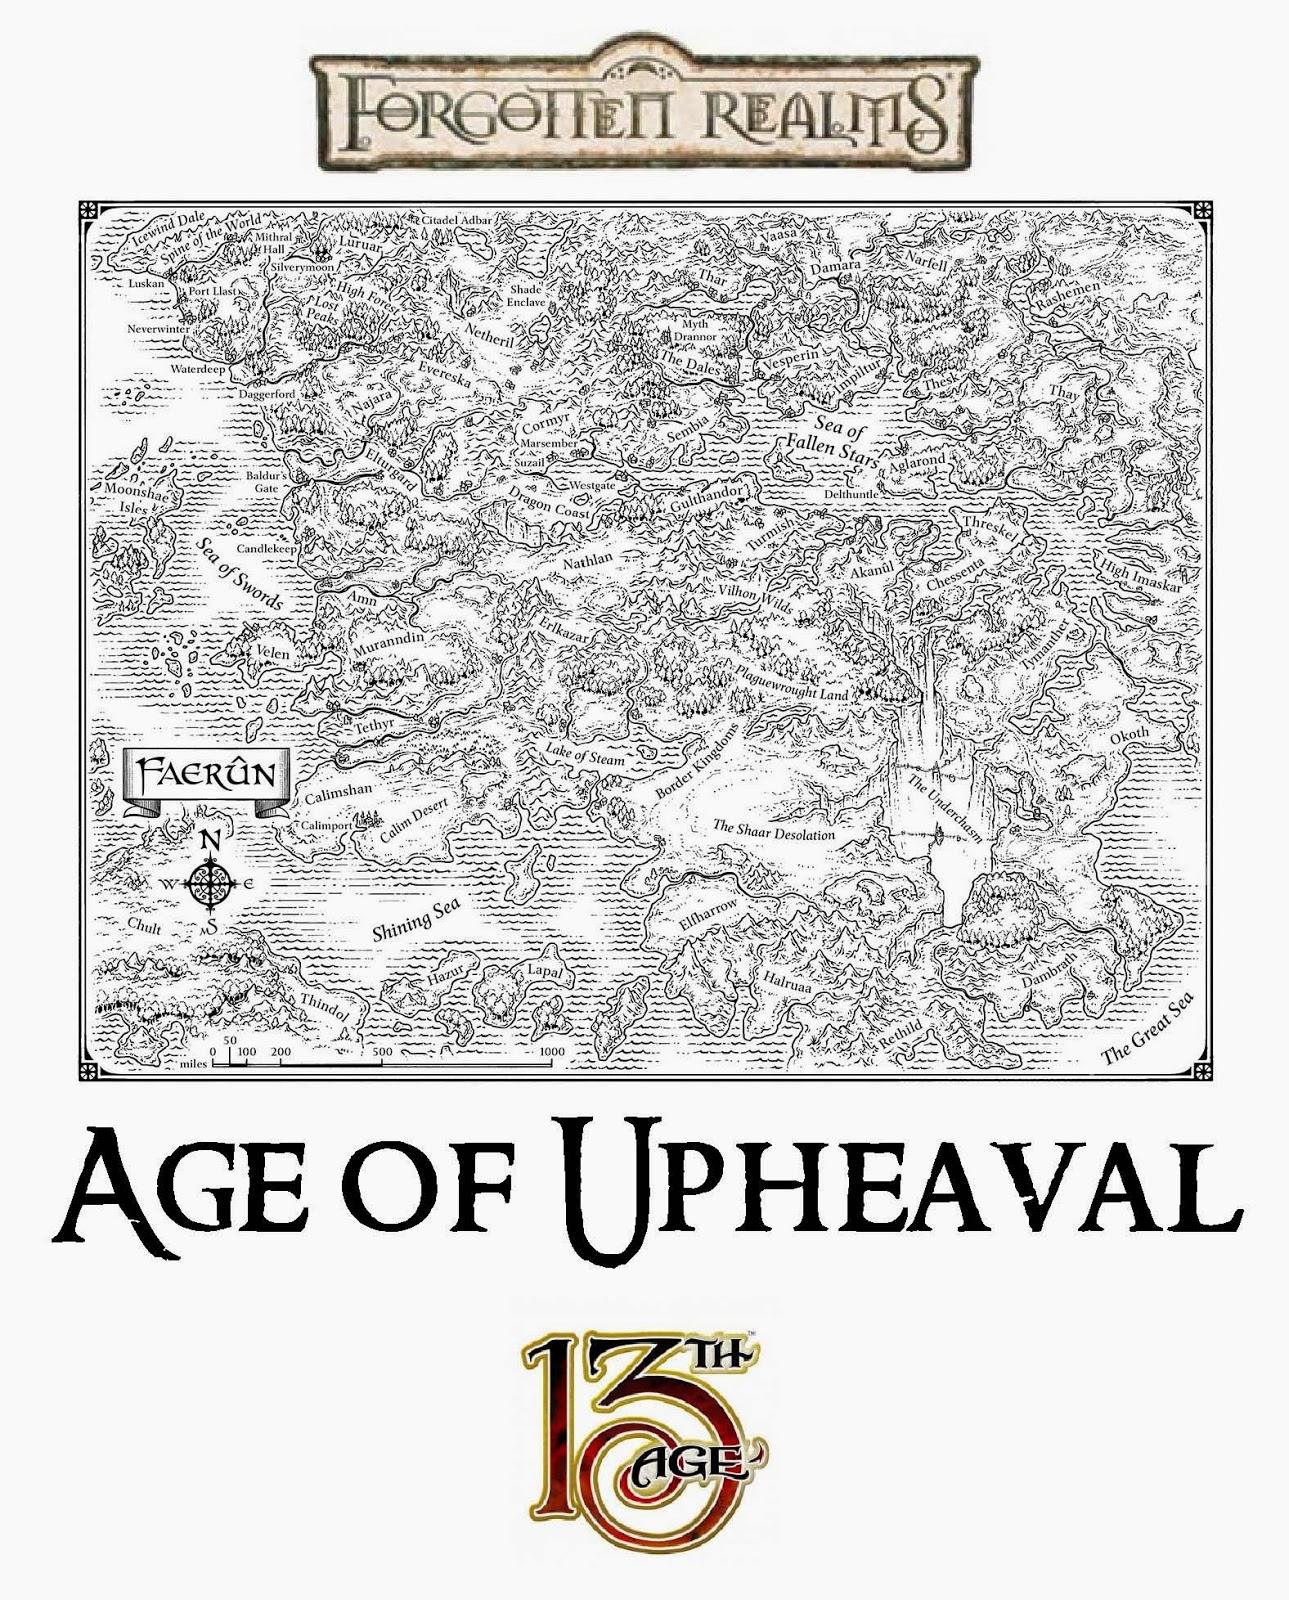 Forgotten realms campaign guide 4e pdf